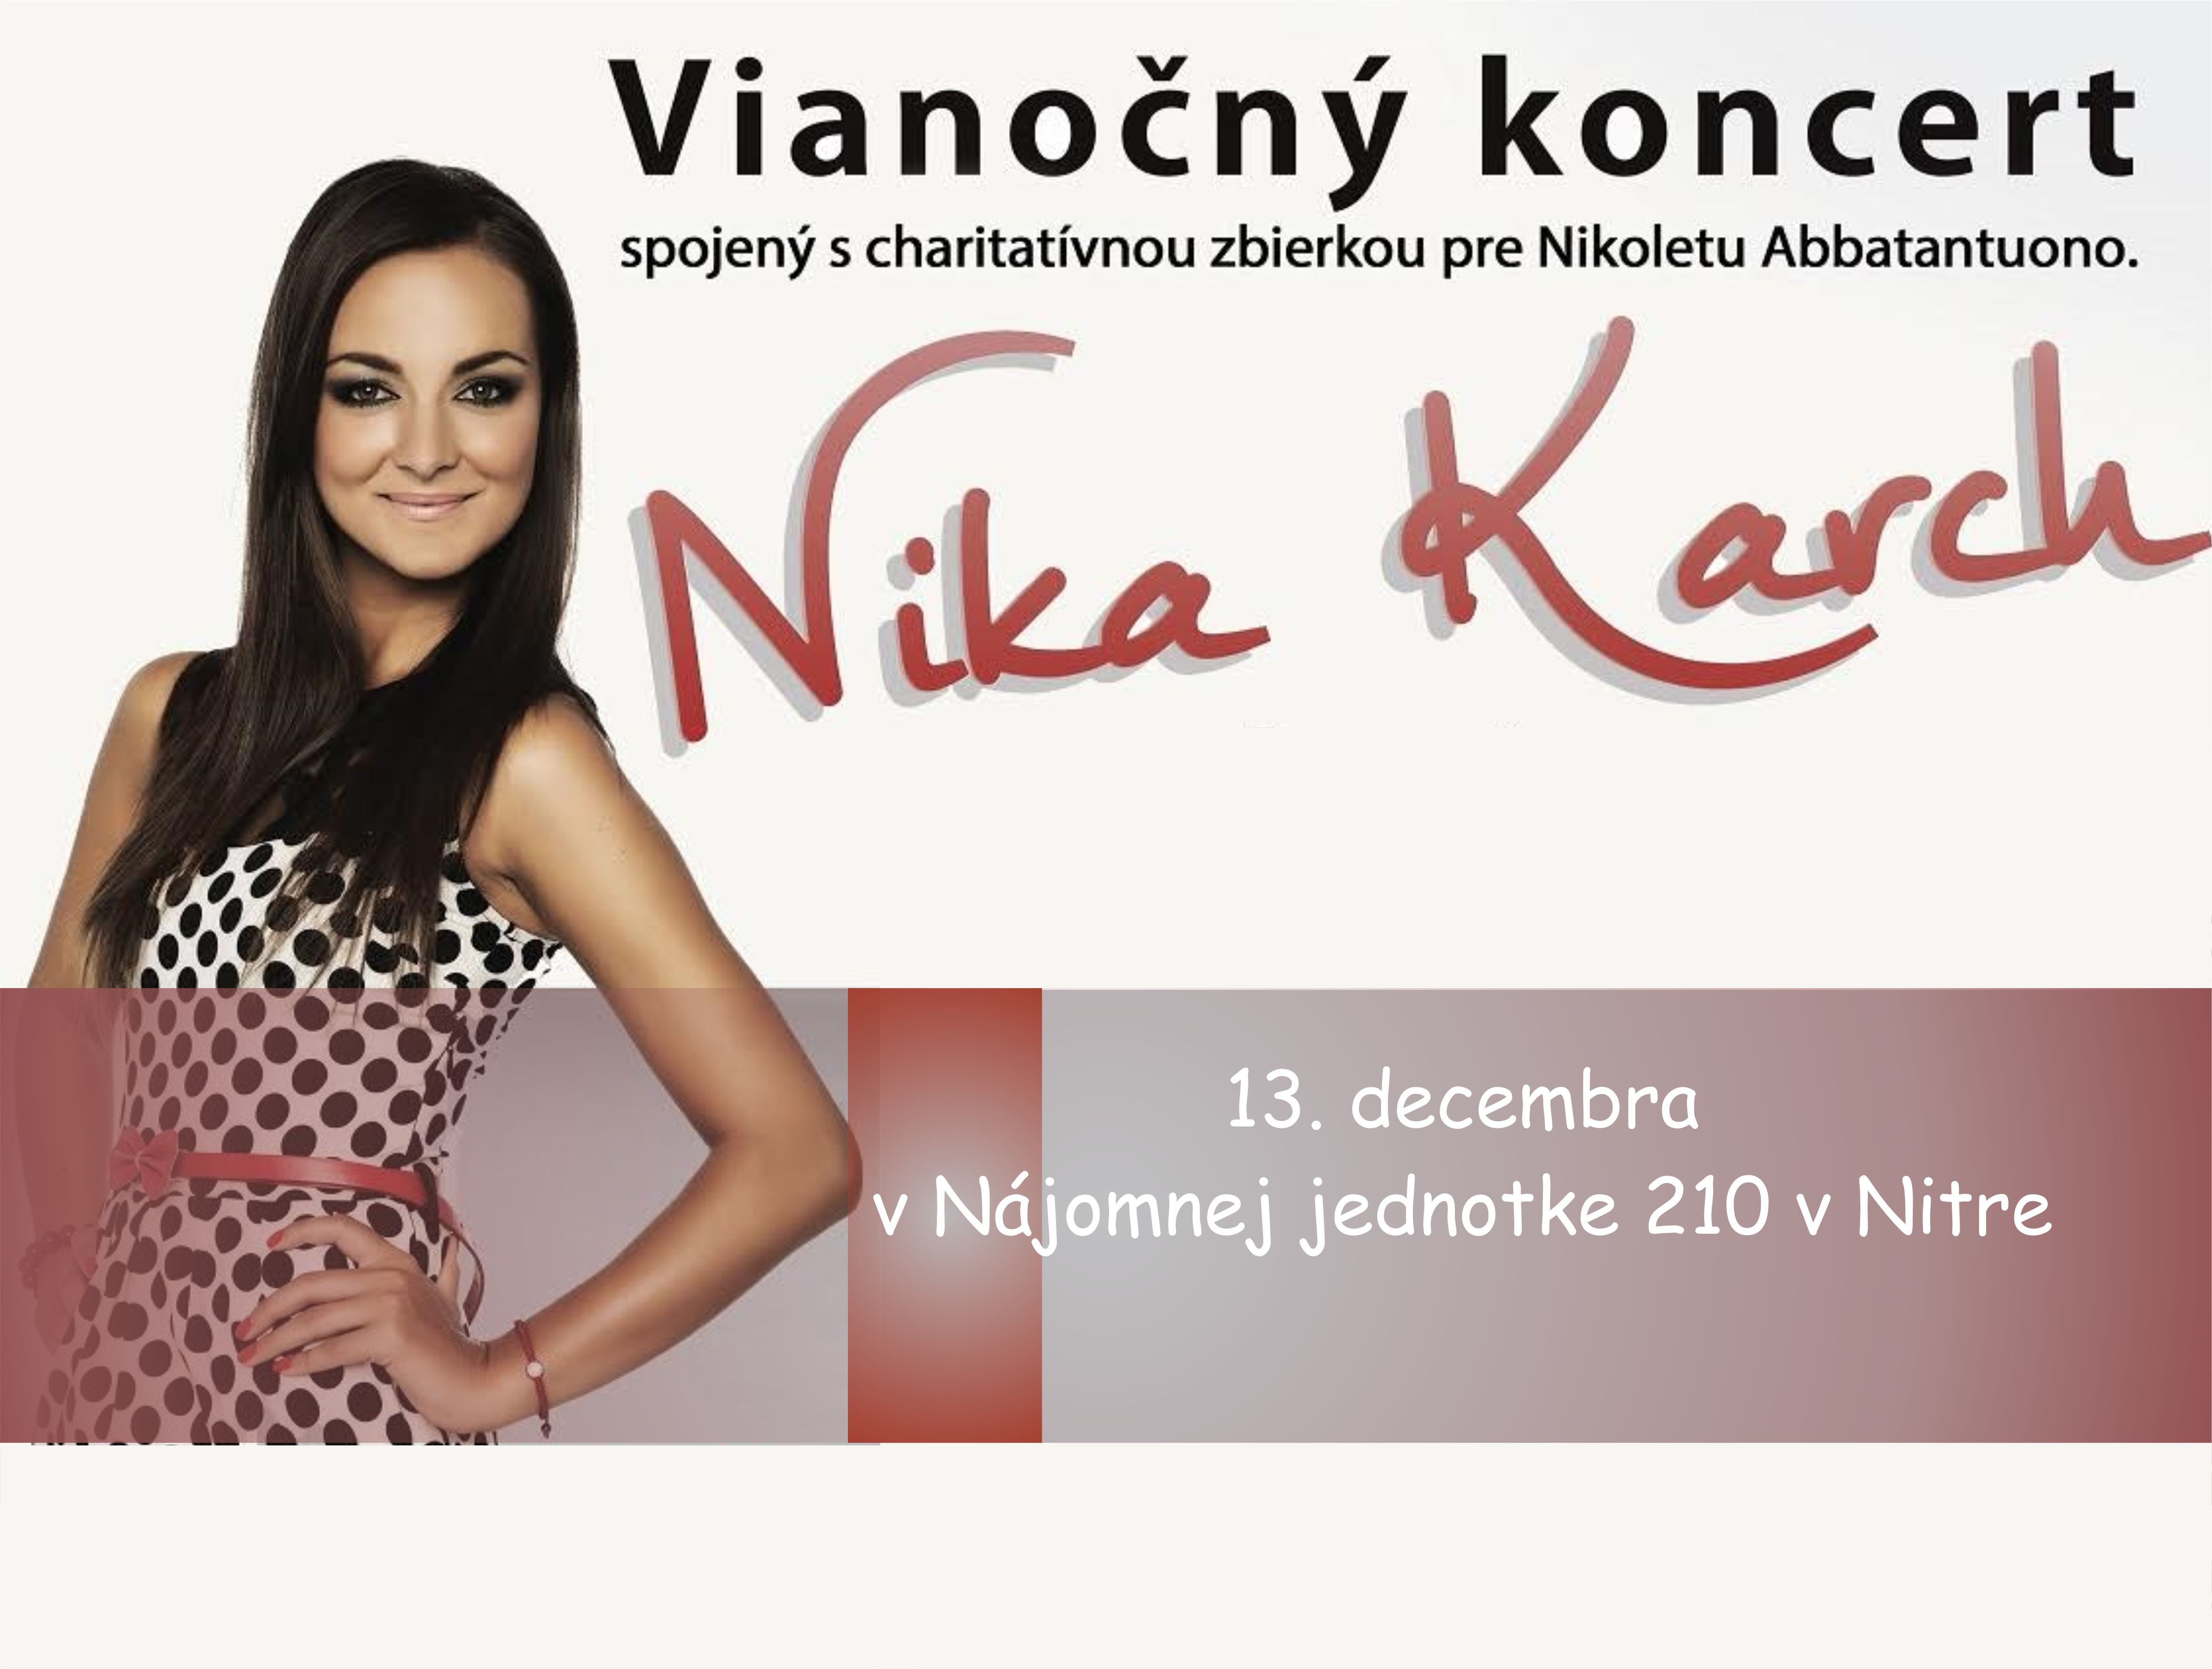 a516f4804 Vianočný koncert Nika Karch a hostia: Mário - Kam v meste | moja Nitra